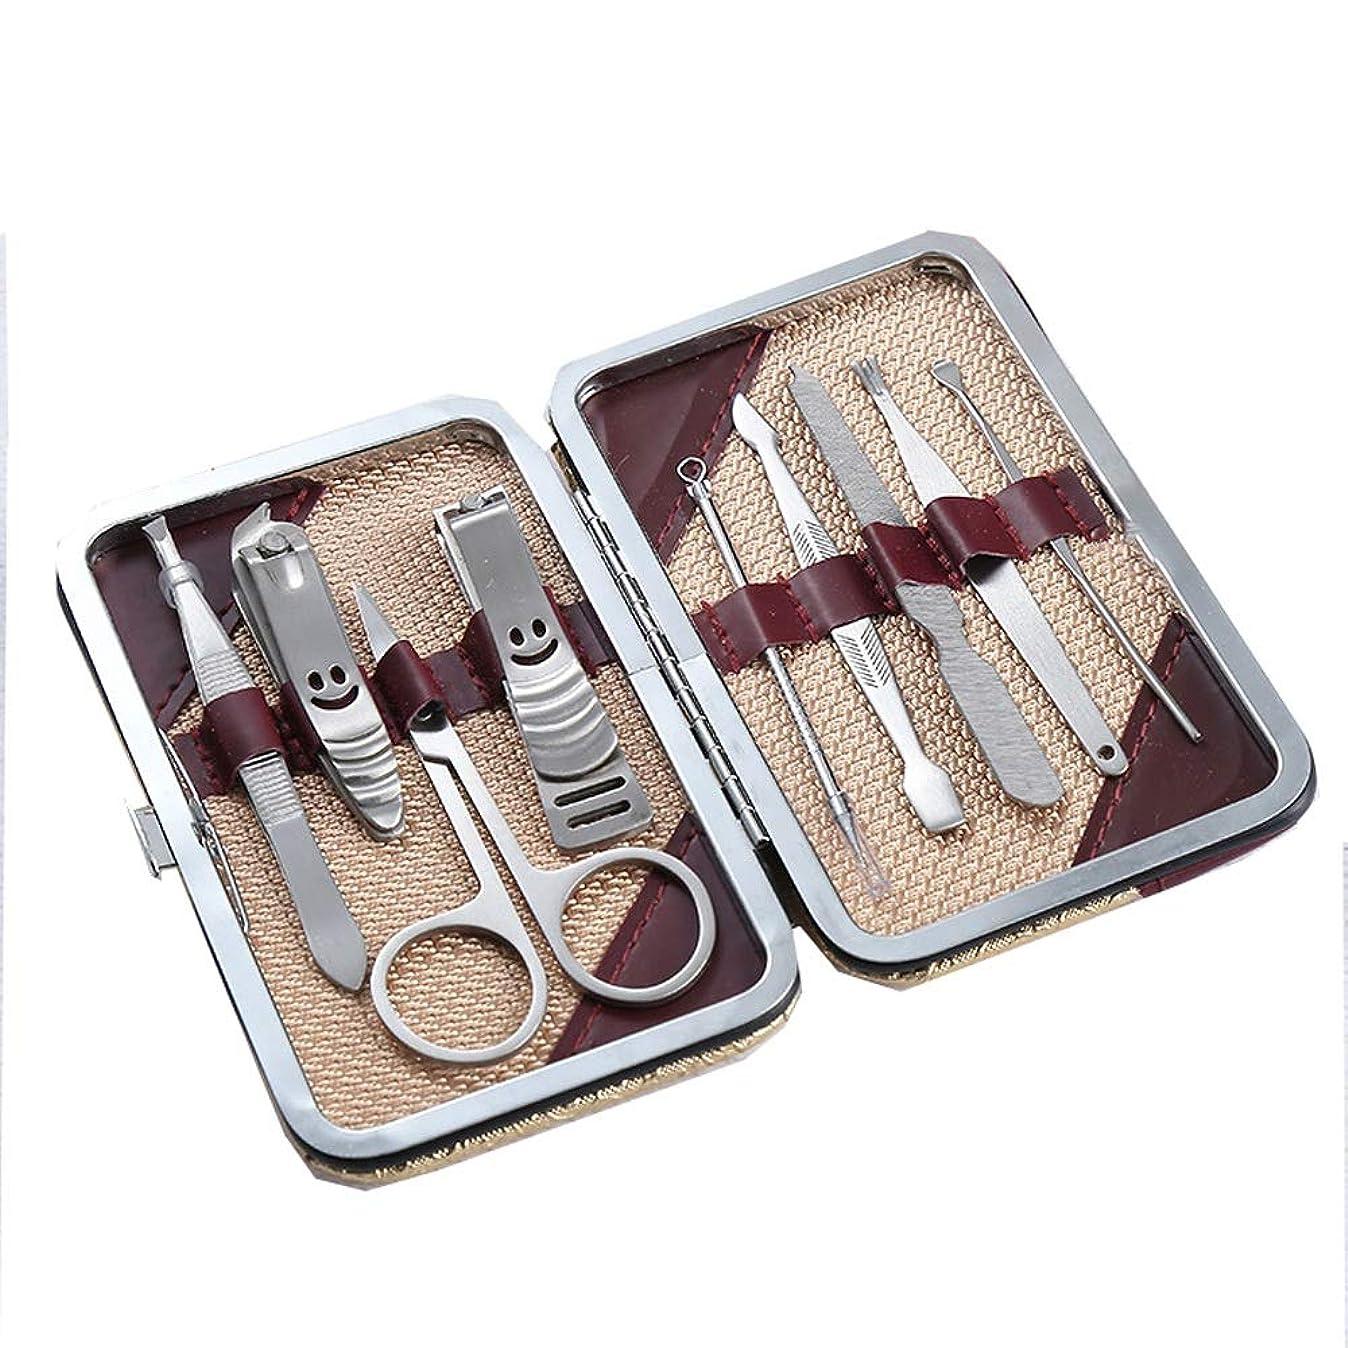 パッチ司法特異性便利な爪切り ハイグレードネイルはさみ9ピースネイルクリッパーマニキュアネイルツールネイルクリッパーセット ネイルドレッシングツール